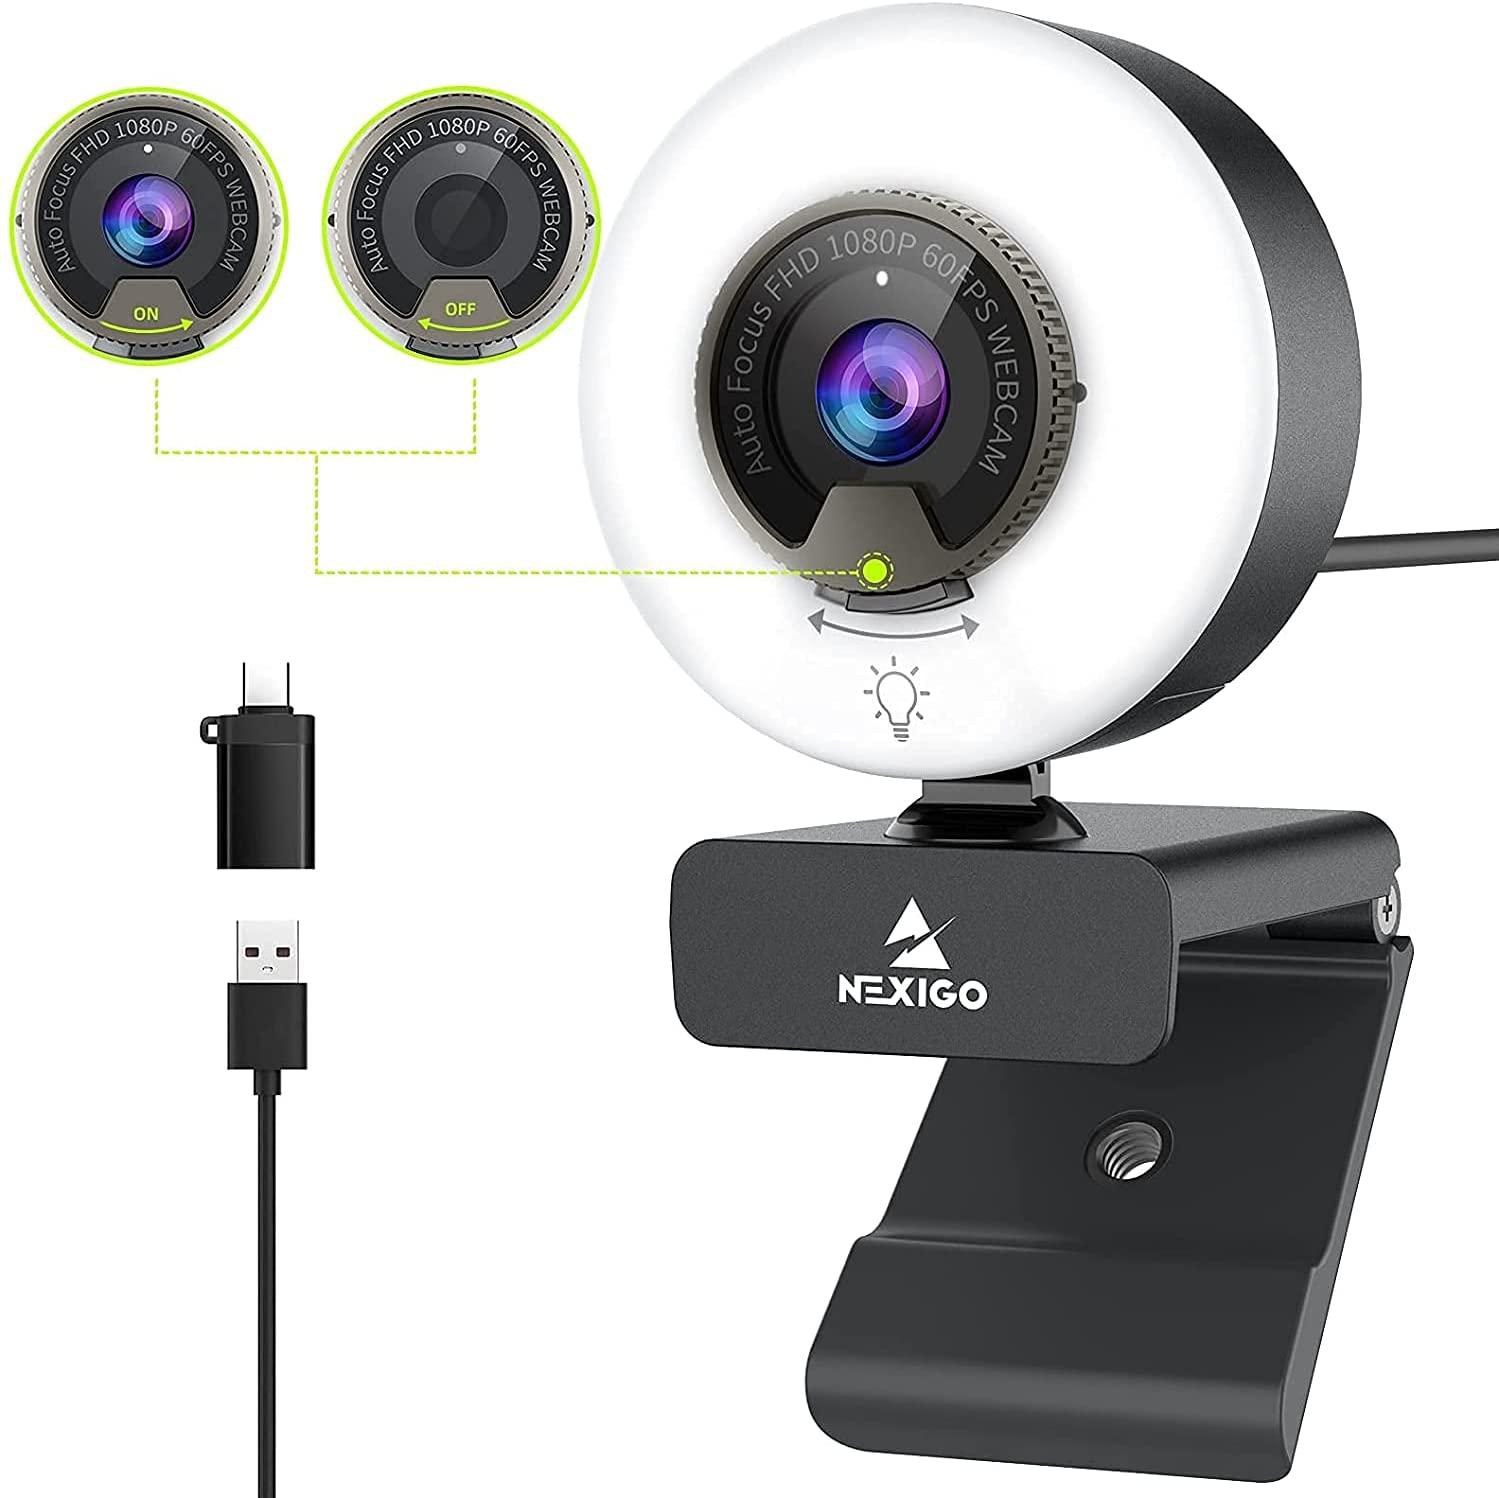 NexiGo 960E Webcam